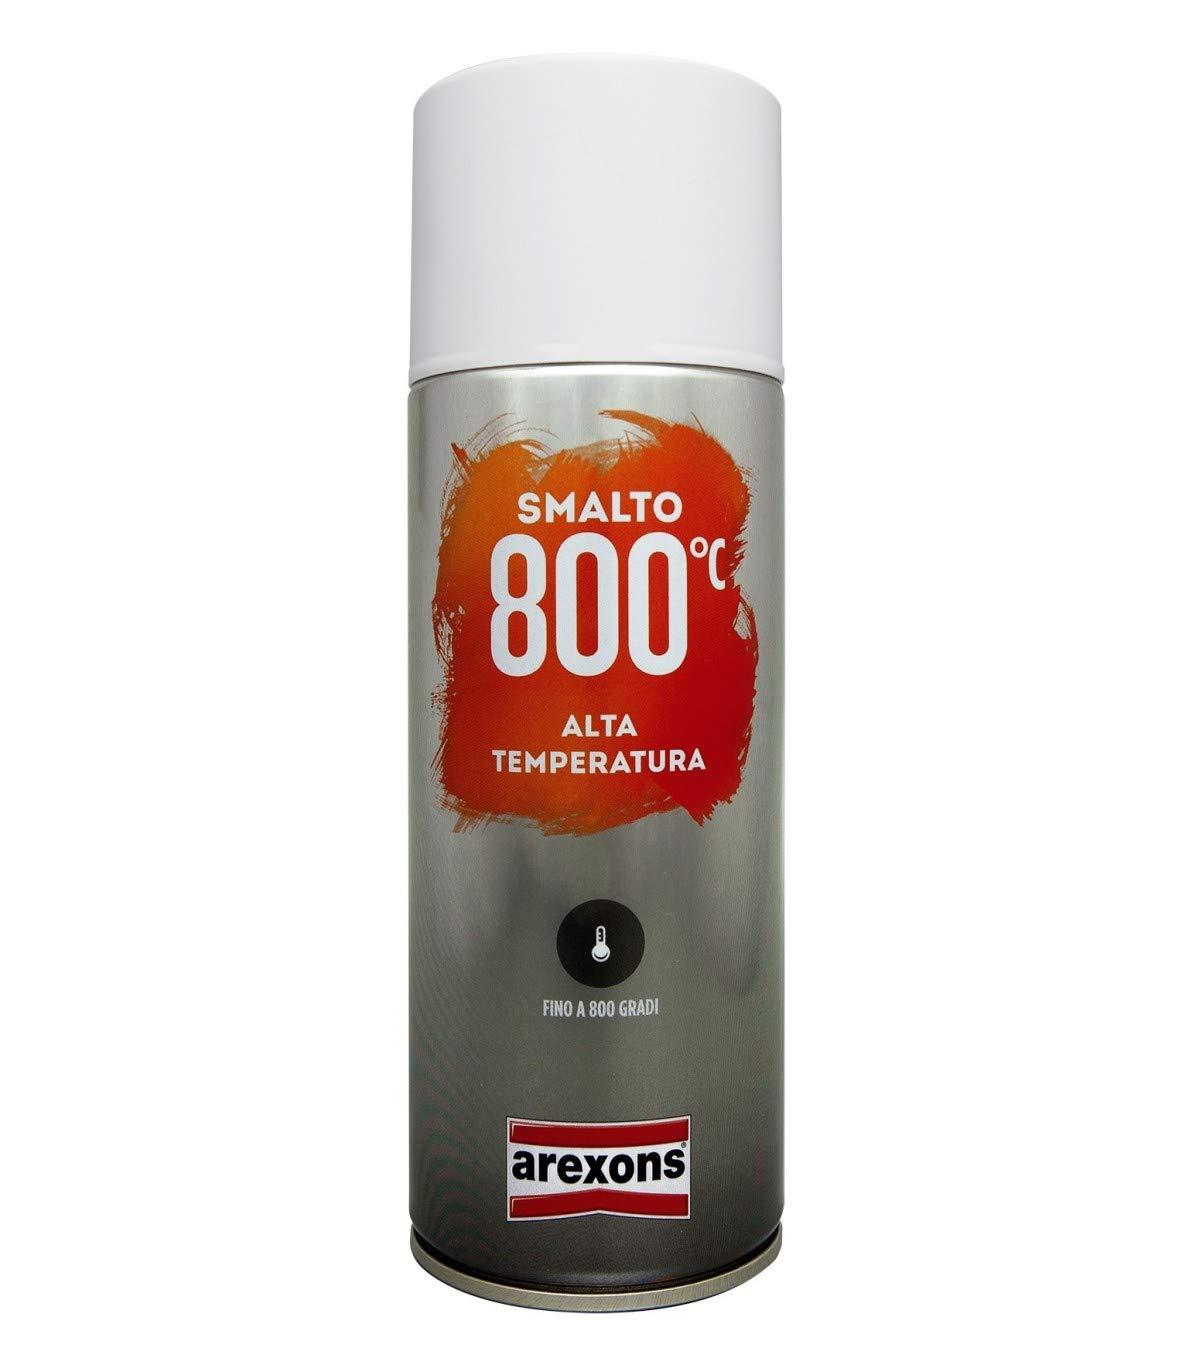 ArexonsTrade Vernice Spray Nero per MARMITTE Scarico Nero Alta Temperatura 2332